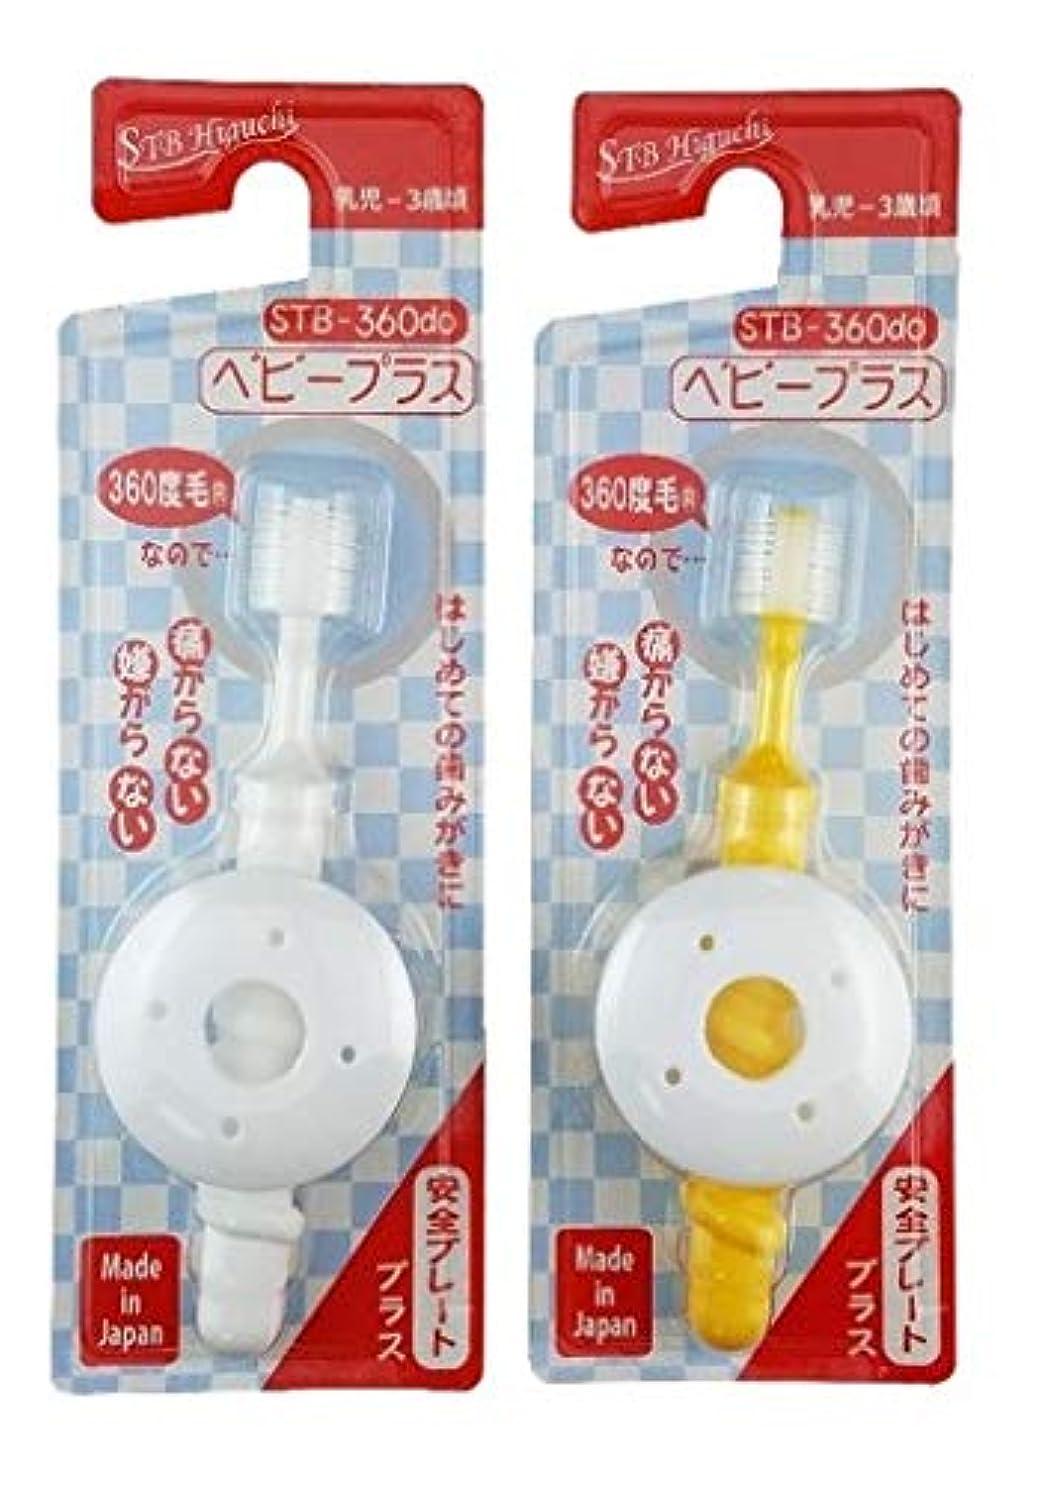 罪人不公平シェフ360度歯ブラシ STB-360do ベビープラス(カラーは1色おまかせ)